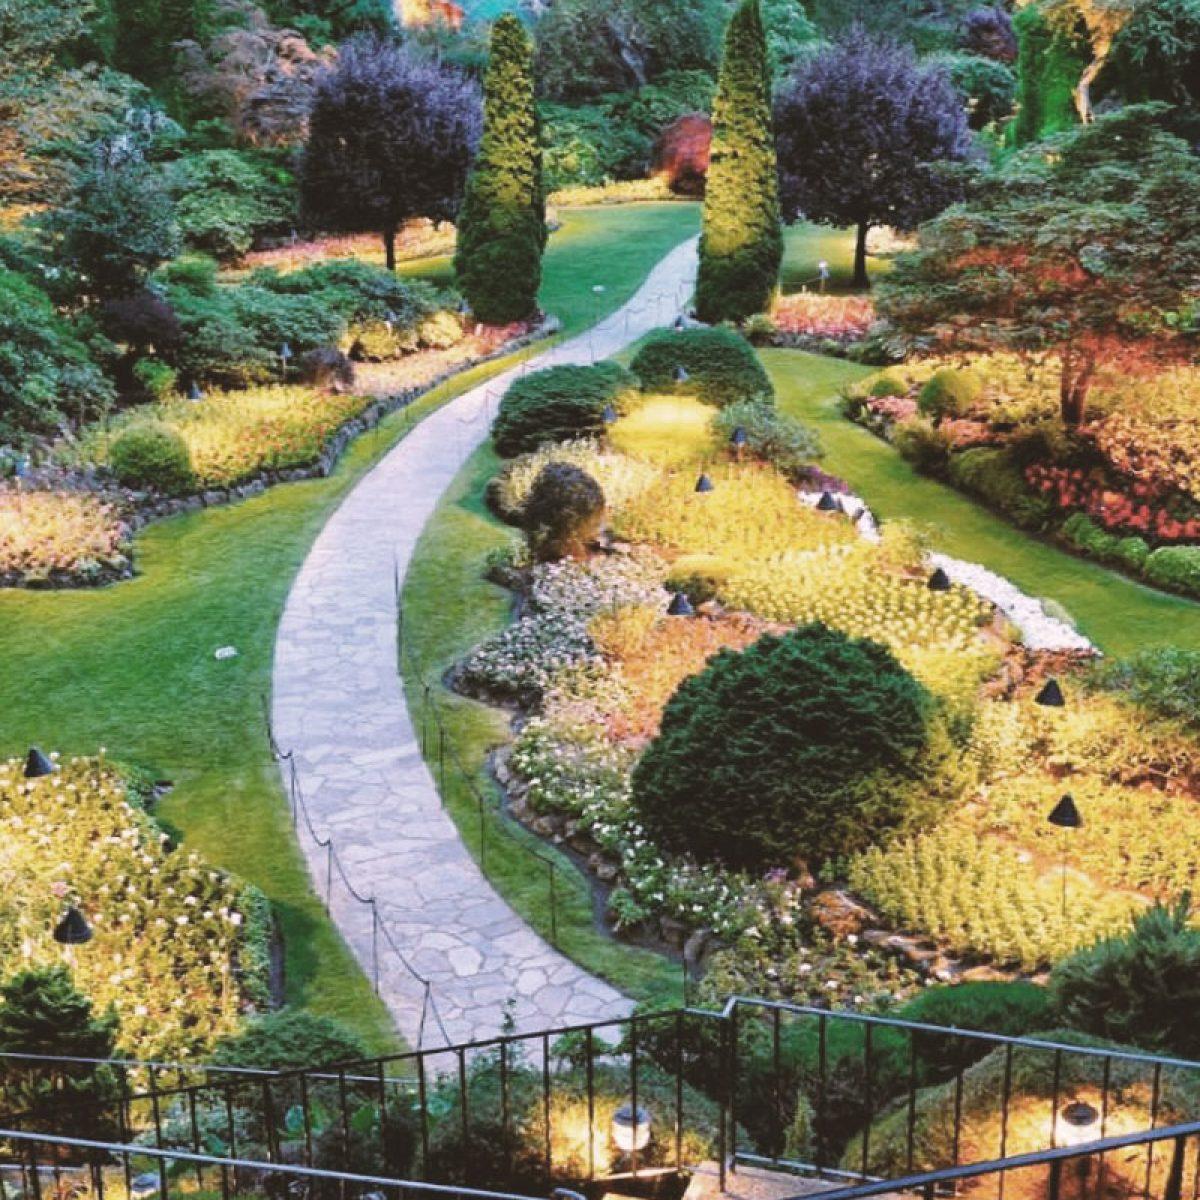 immagini-articoli-botanico